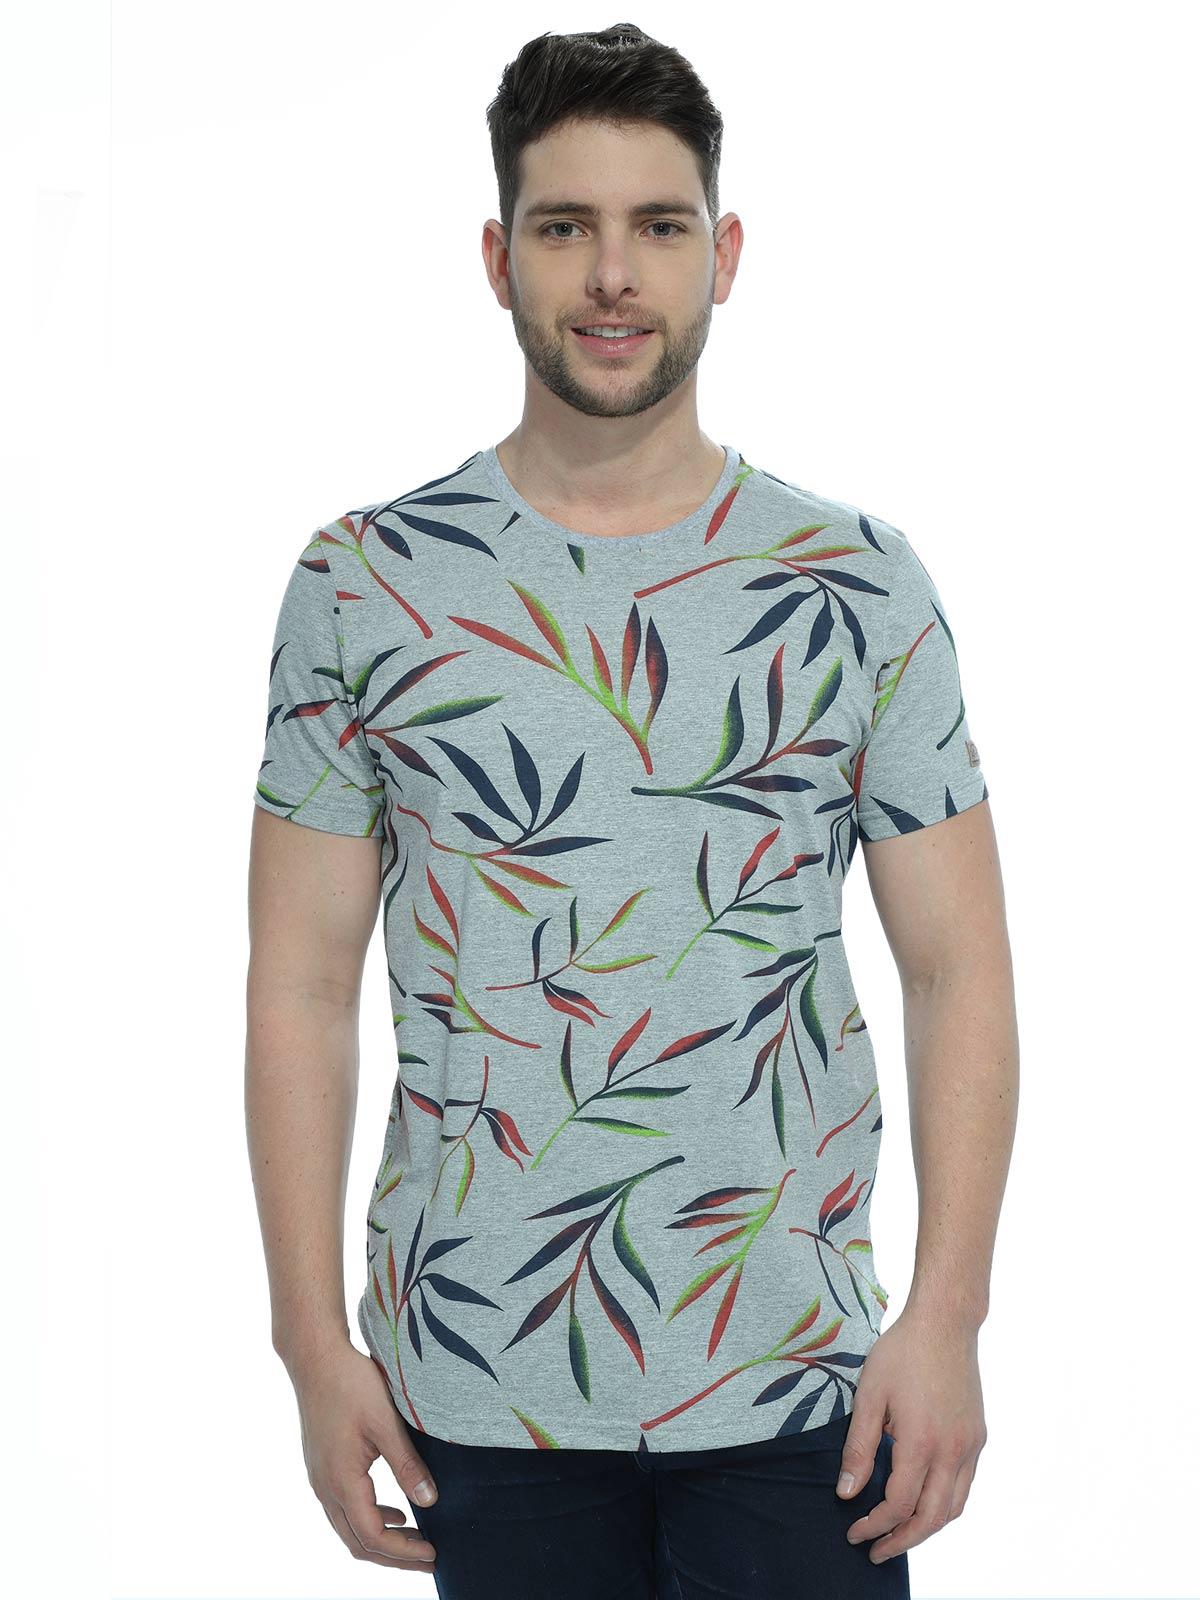 Camiseta Masculina Longline Floral Mescla